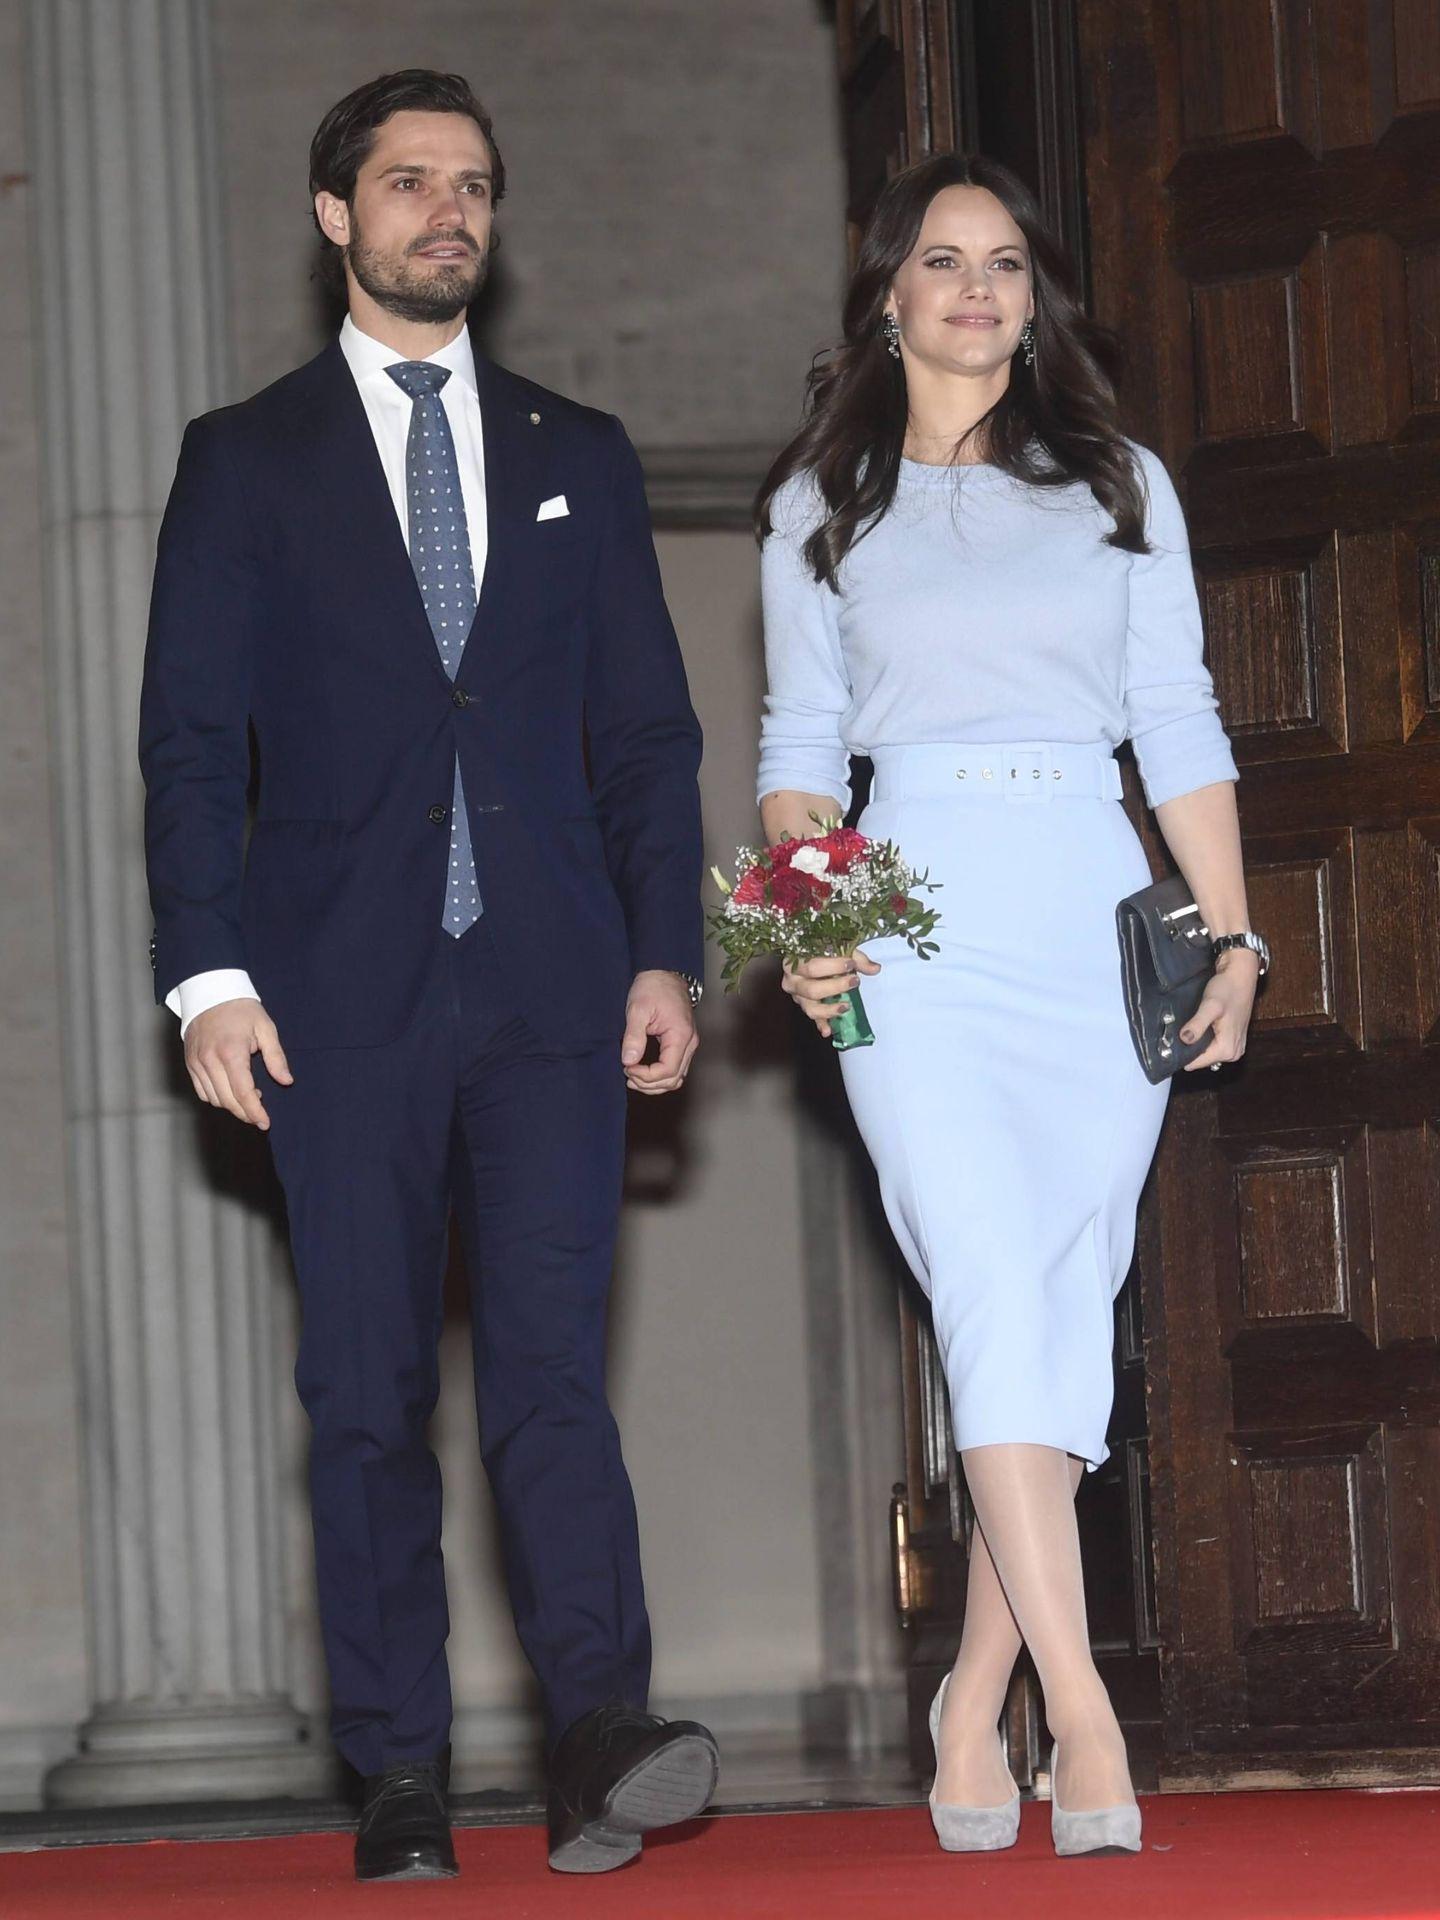 La princesa Sofía con la falda. (Cordon Press)